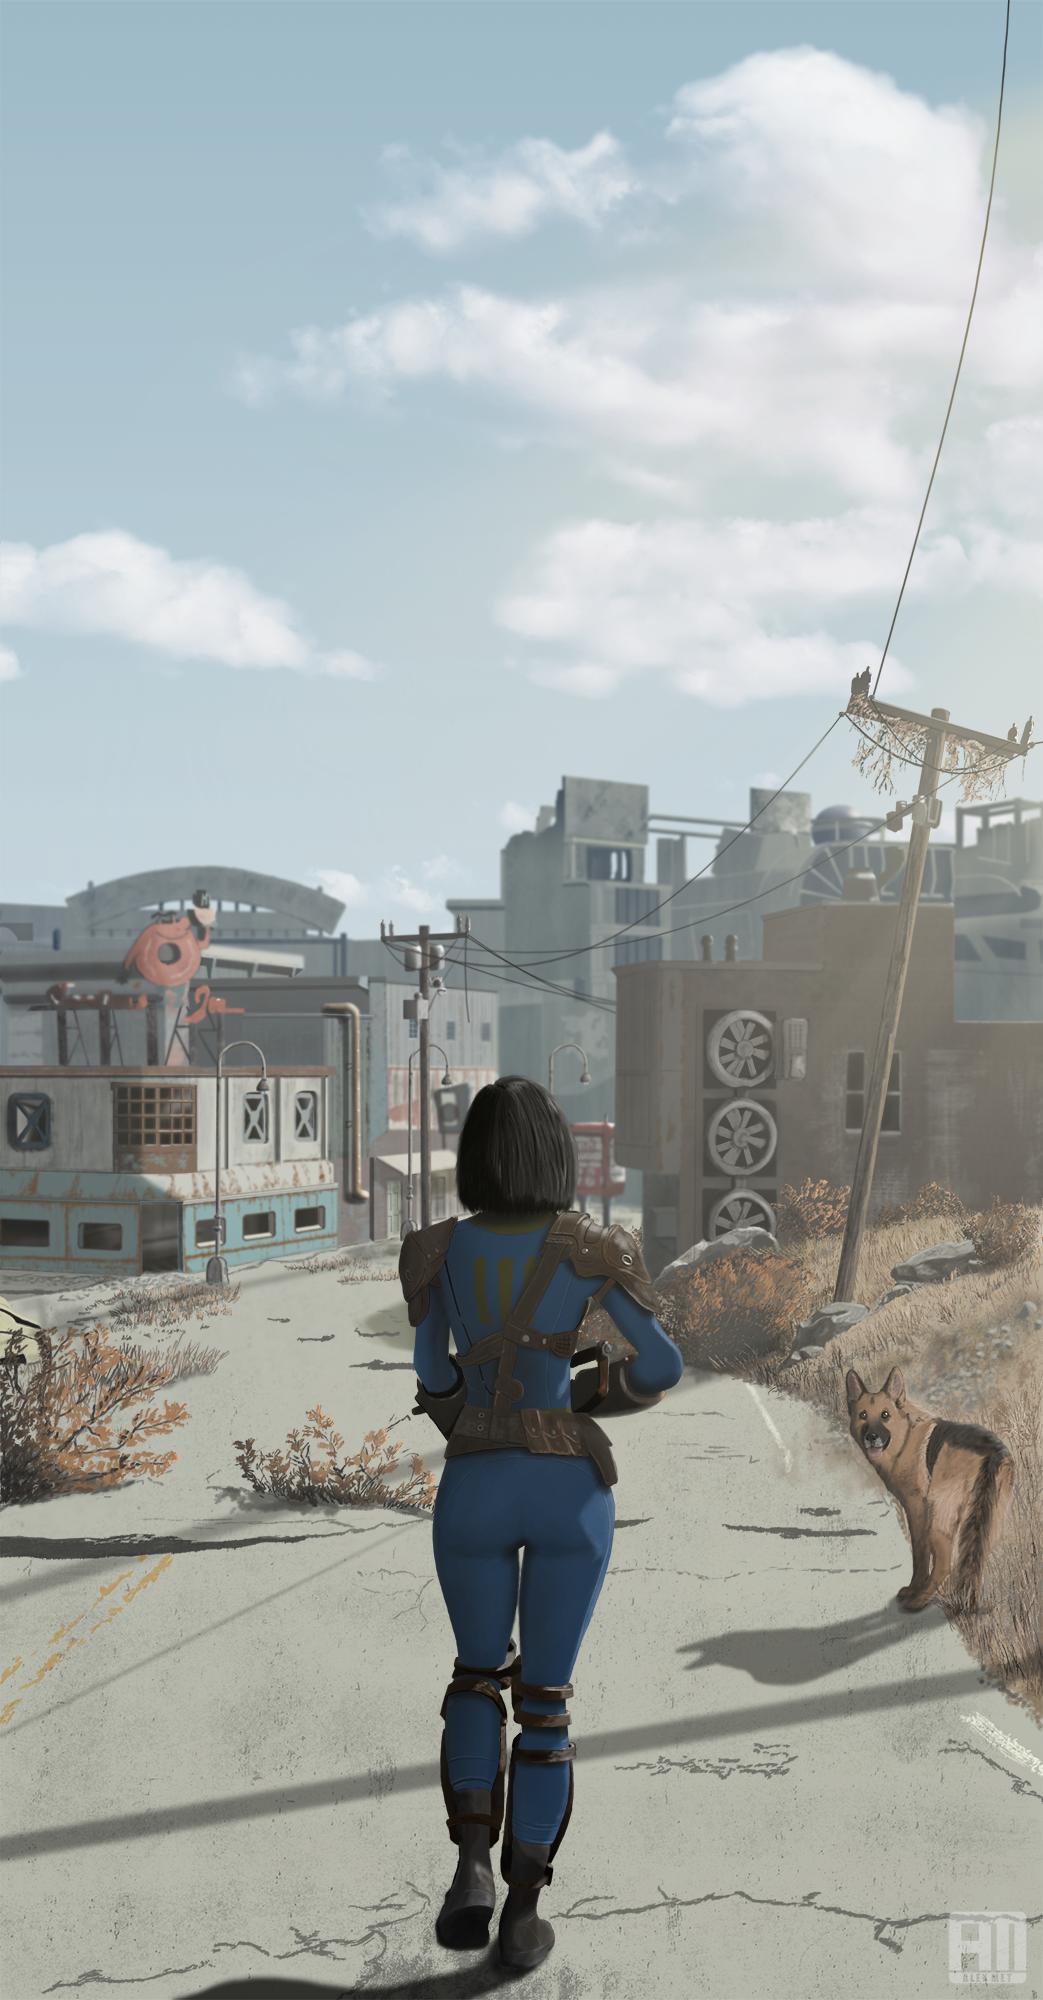 Sole Survivor - Fallout 4 арт